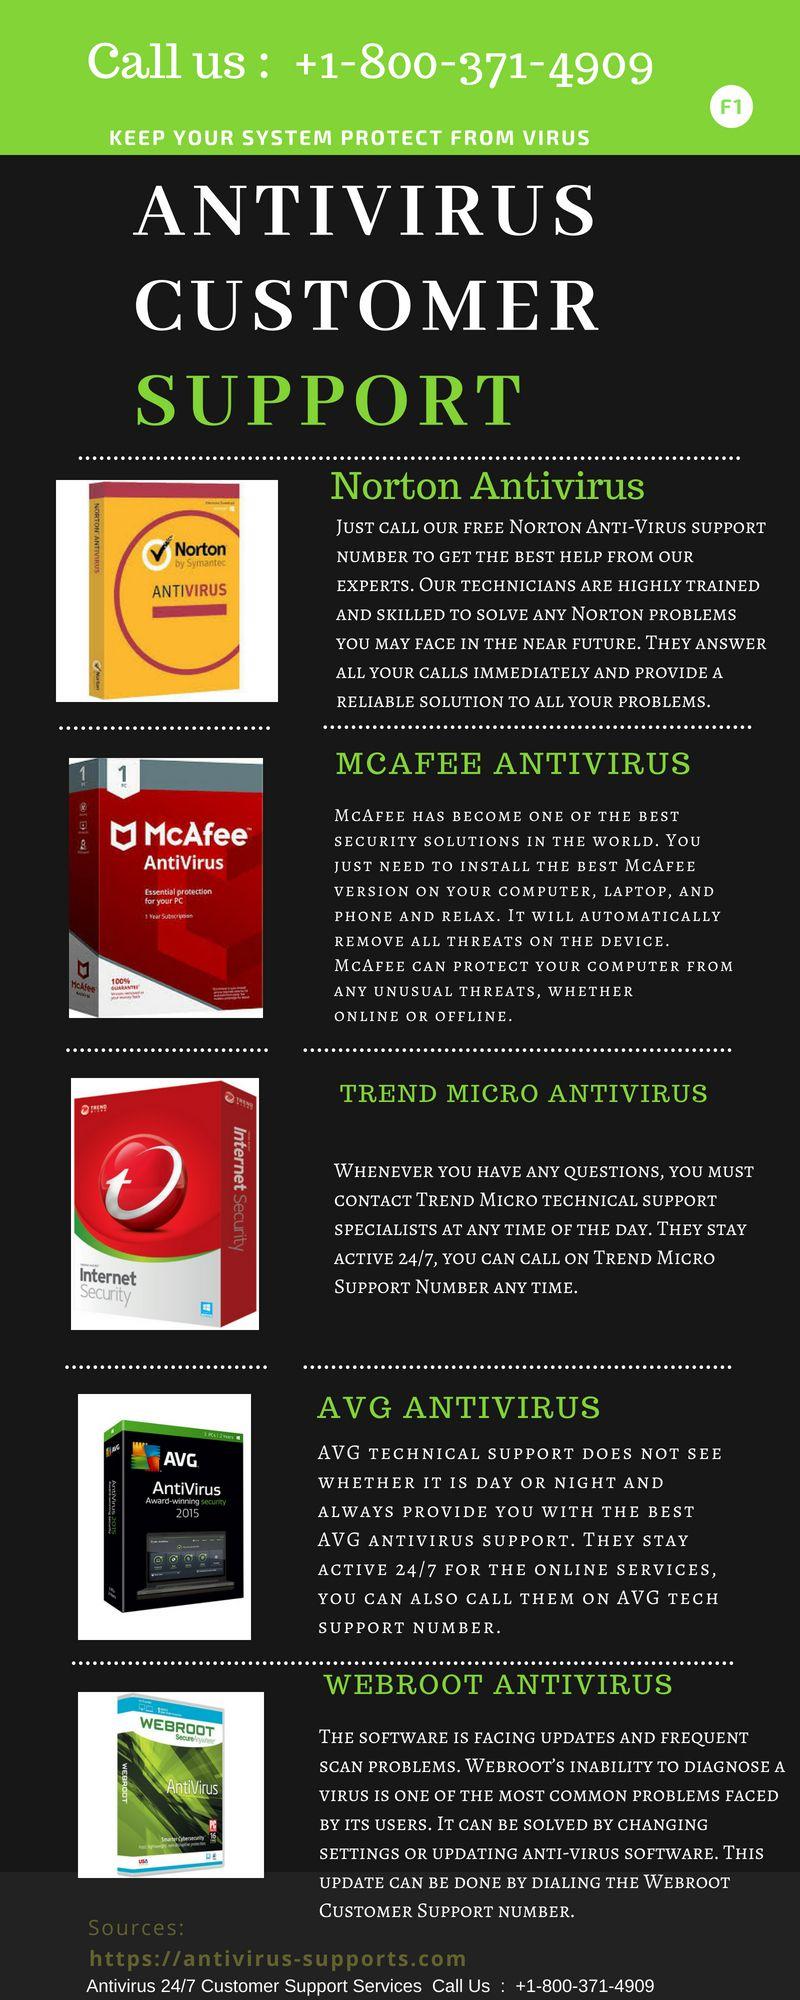 norton antivirus vs avg